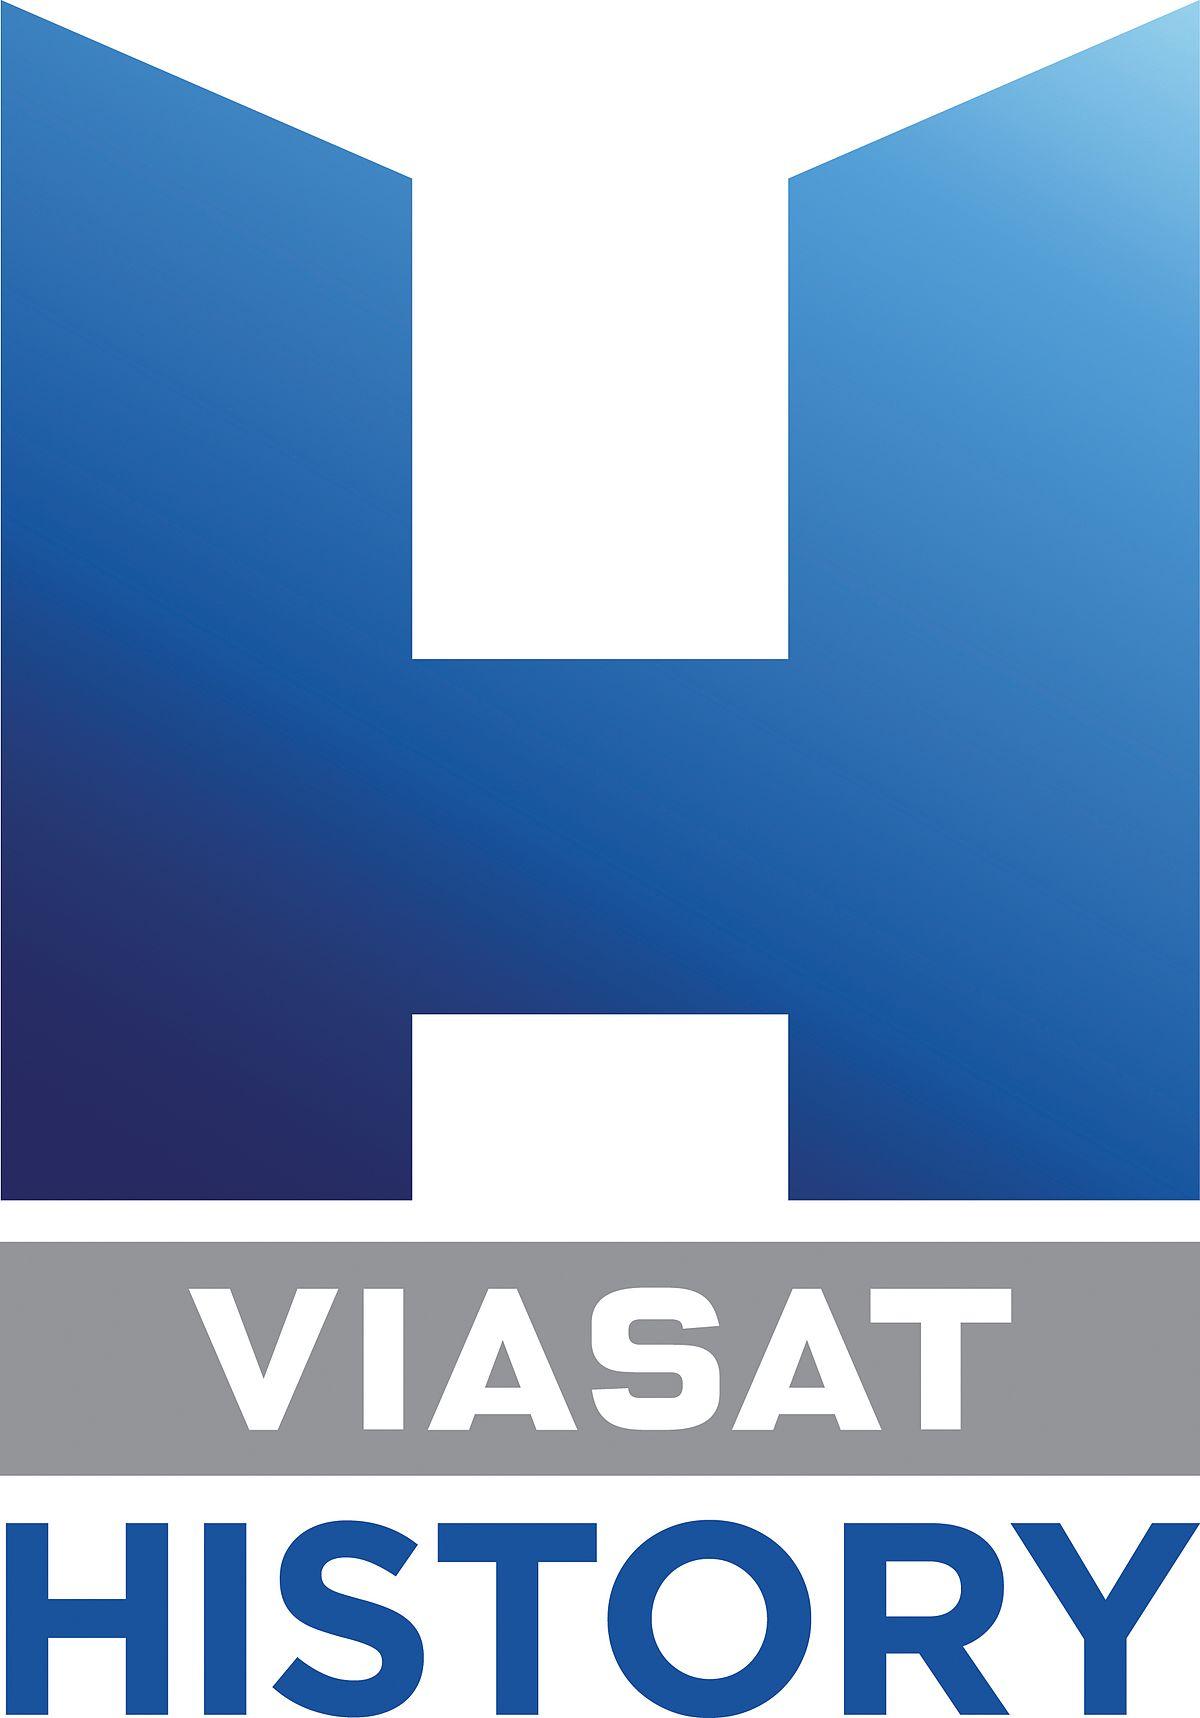 viasat history � wikipedia